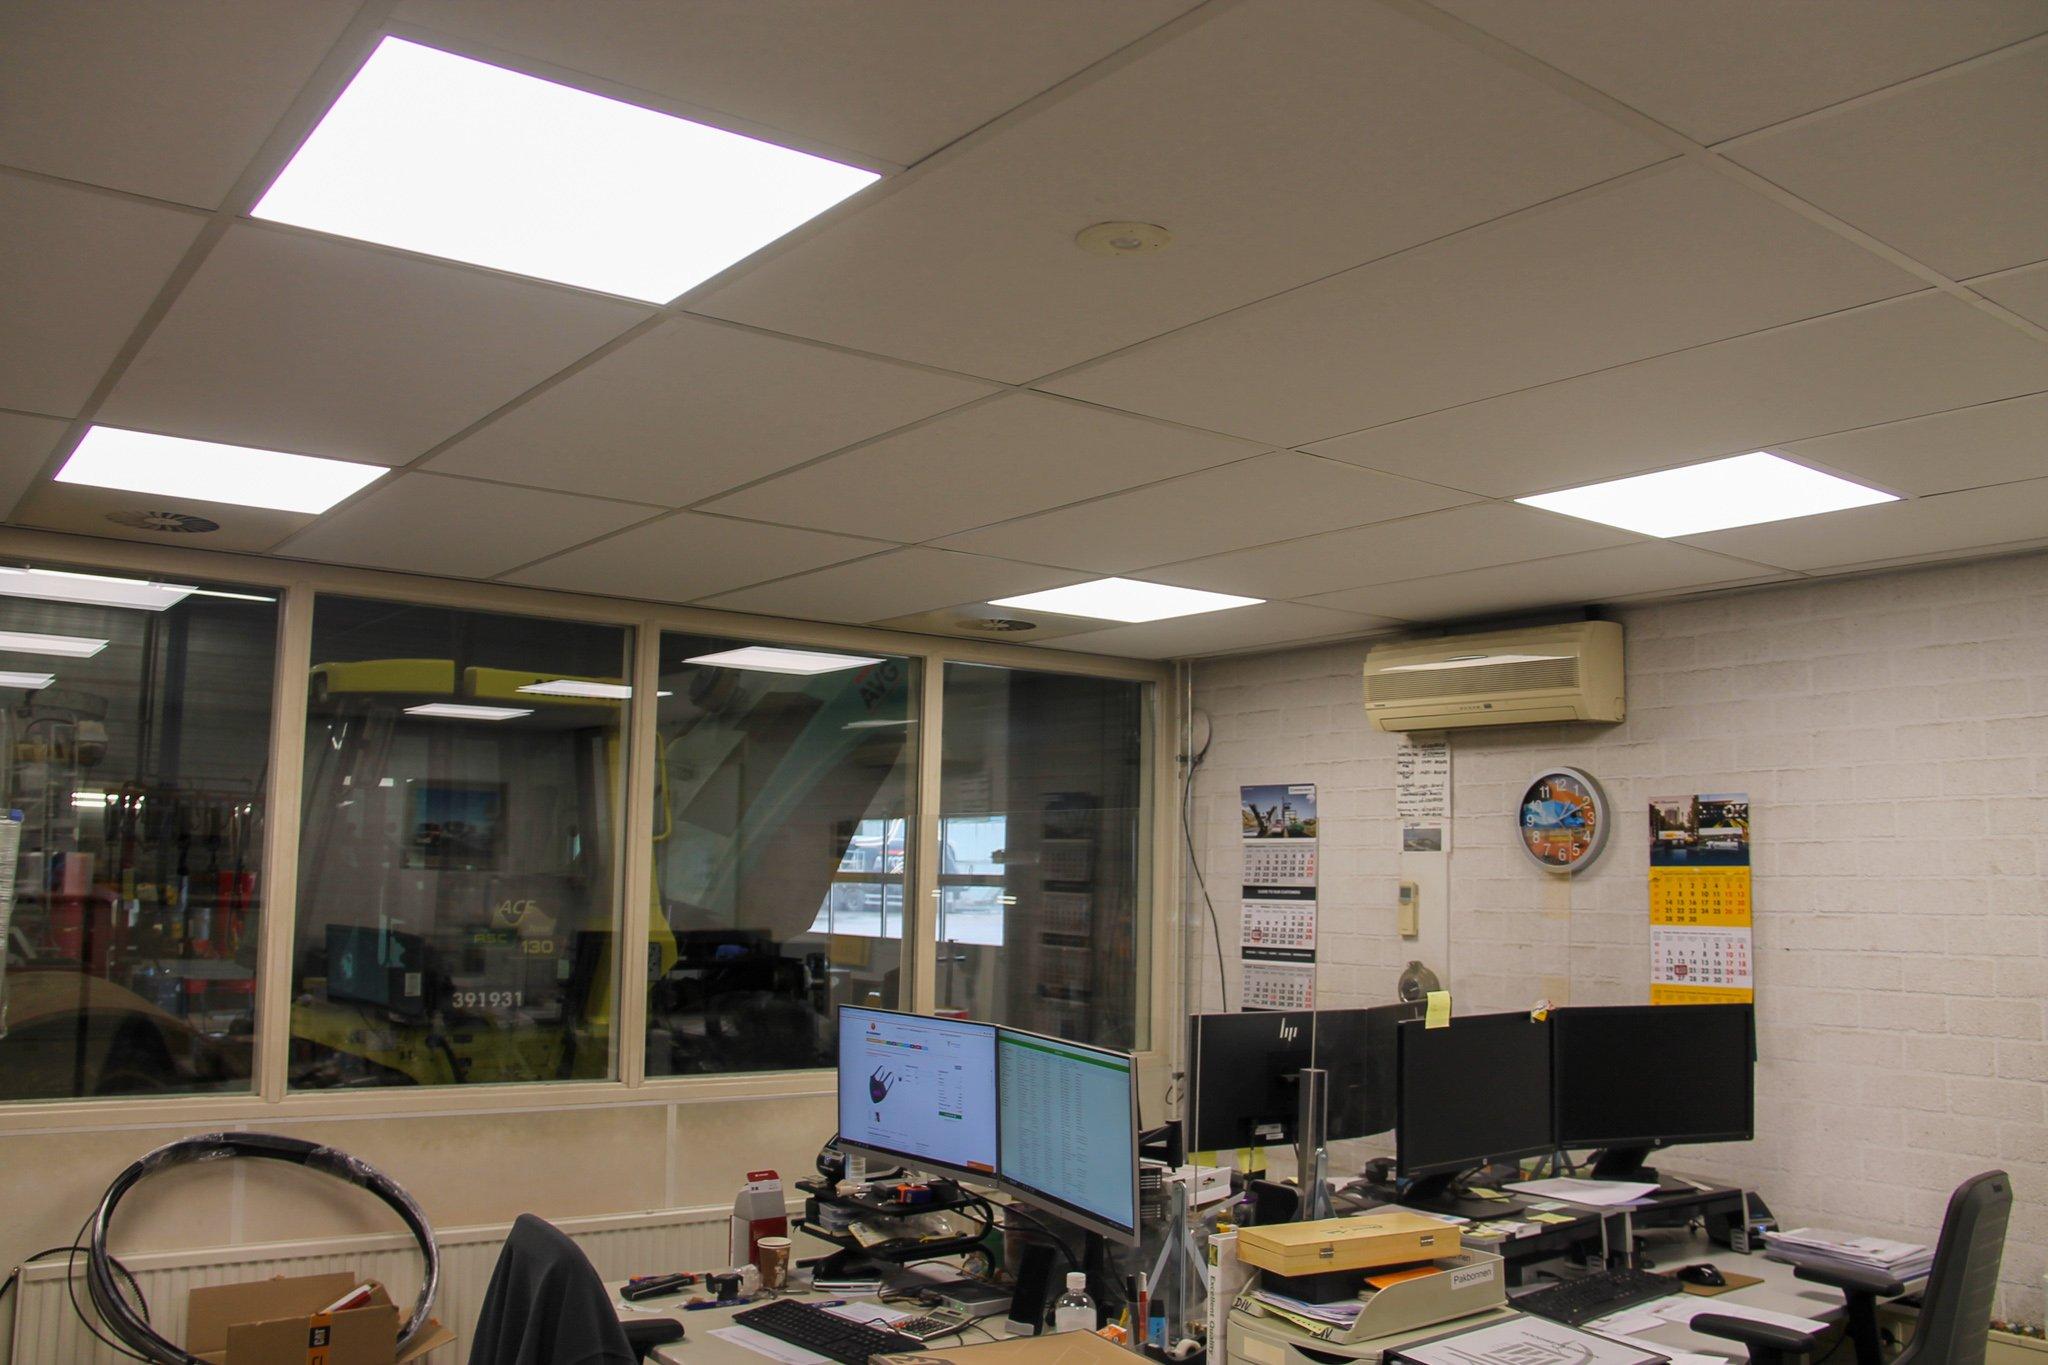 kantoor in magazijn